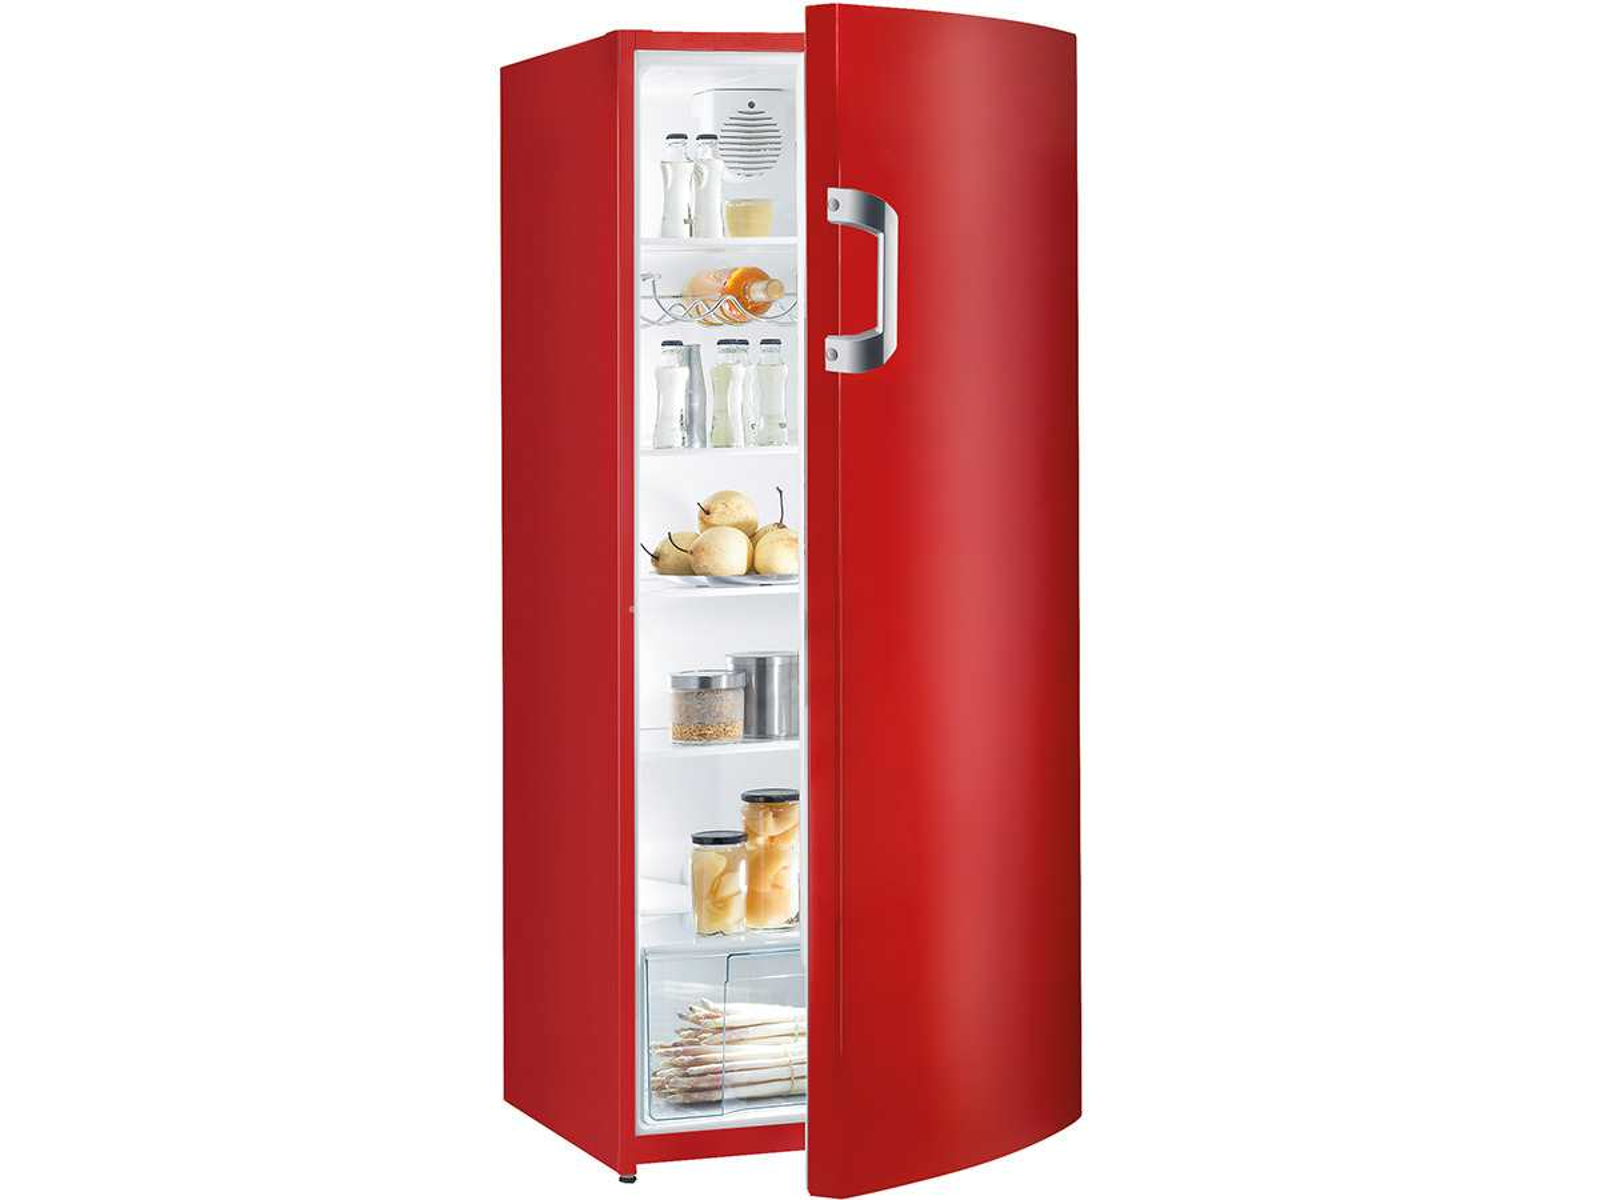 Gorenje Kühlschrank Tür Schliesst Nicht : Gorenje r 6152 brd standkühlschrank fire red kühlschrank stand